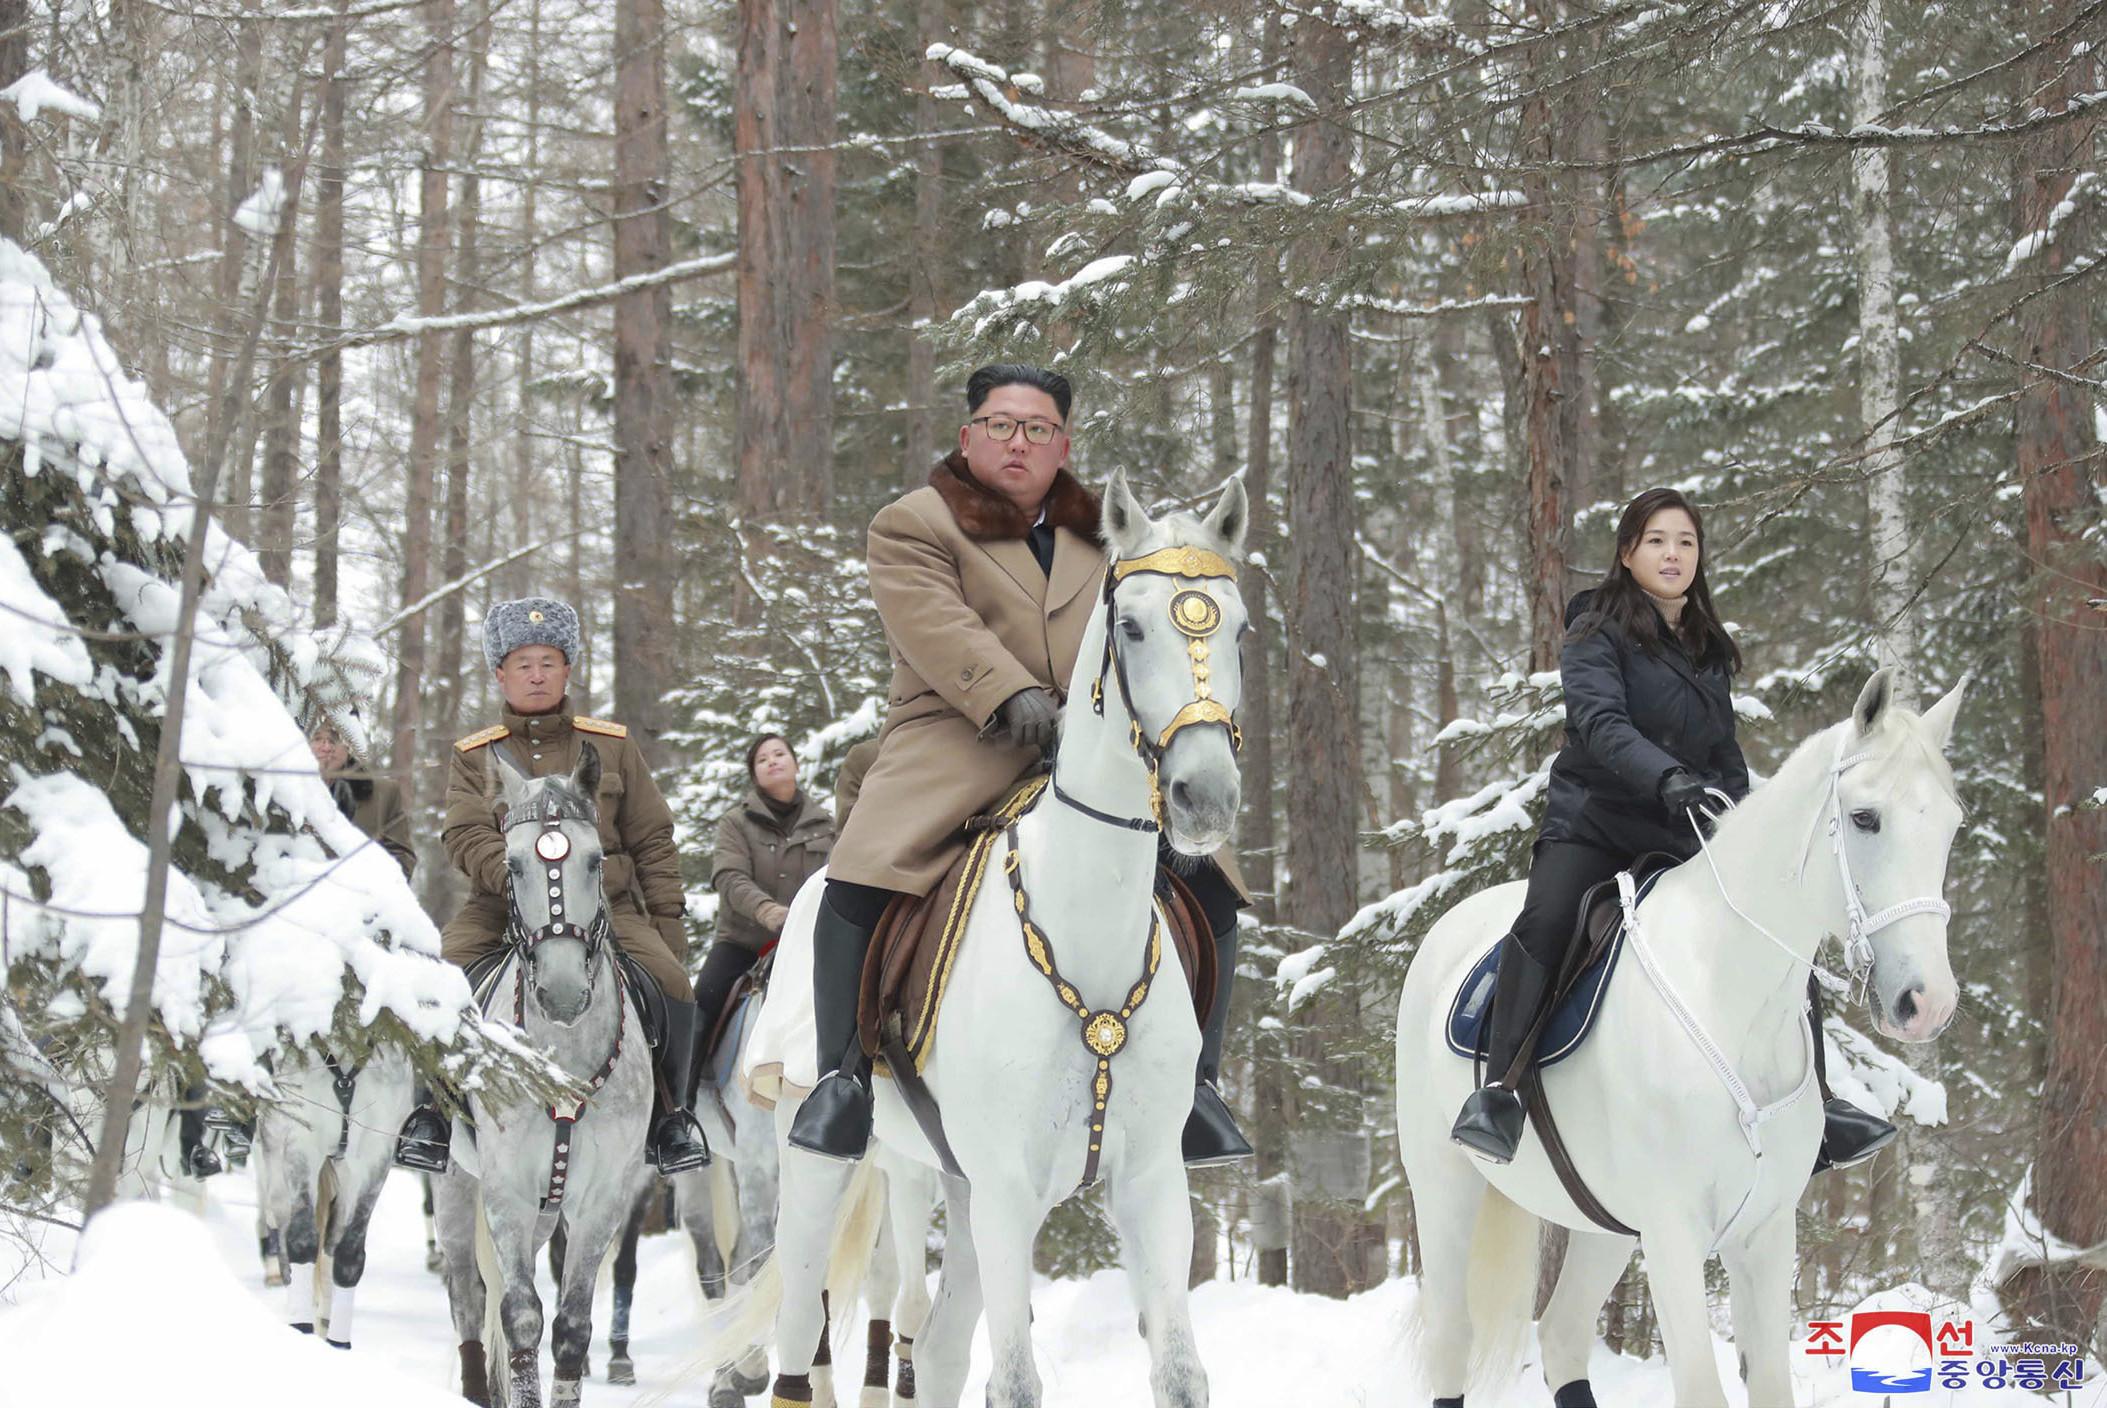 ▲▼李雪主與金正恩騎乘白馬登上白頭山。(圖/達志影像/美聯社)